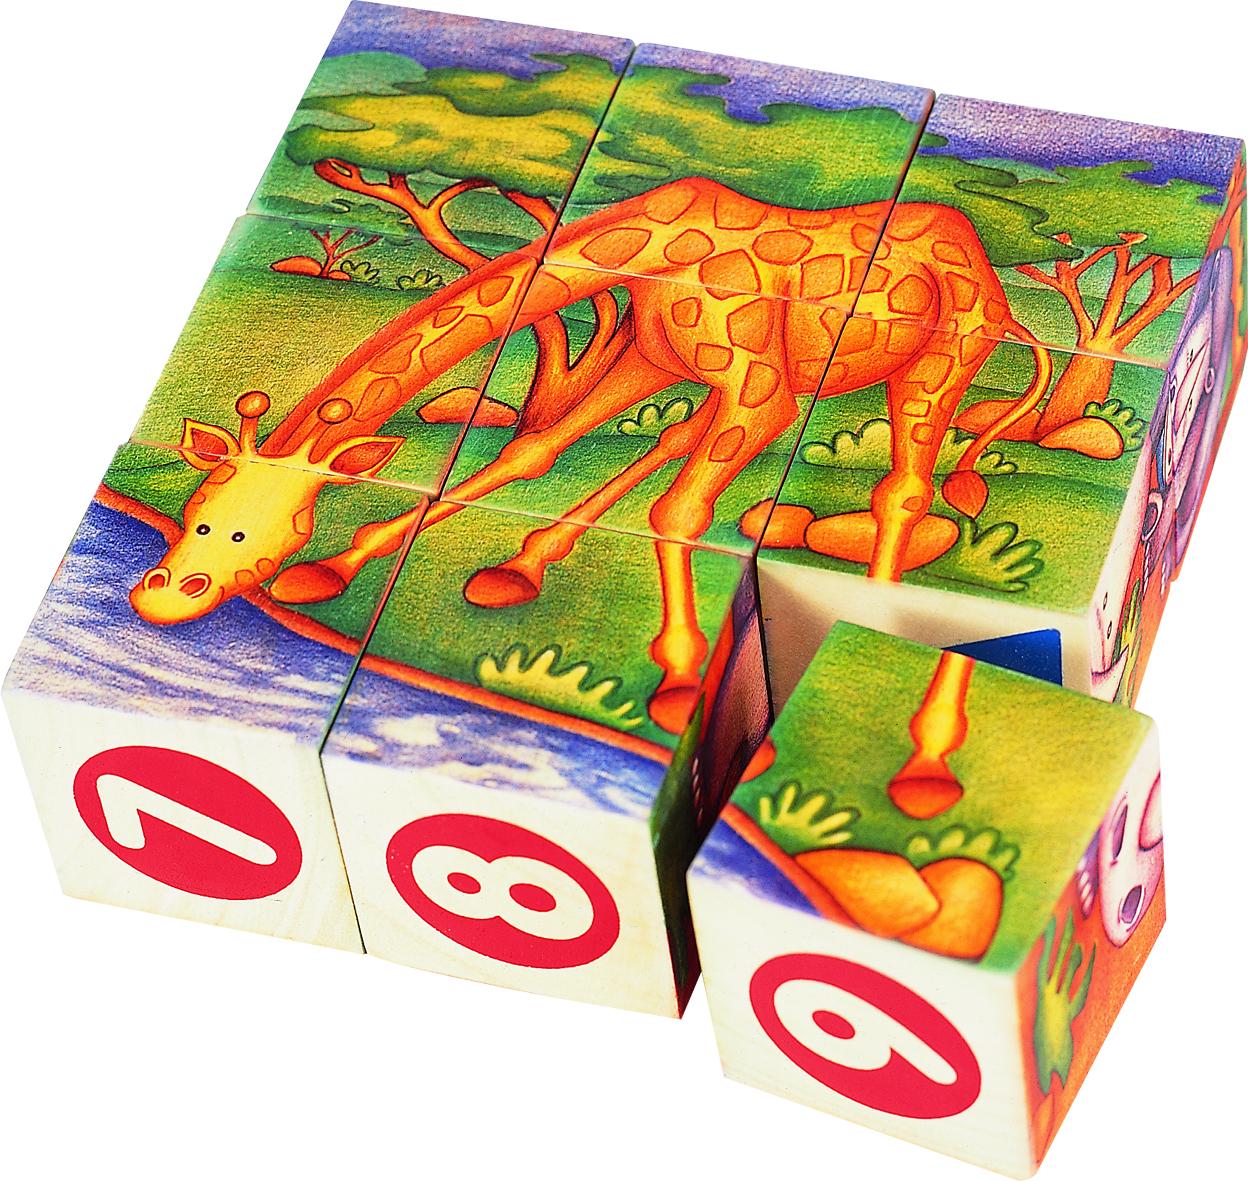 ของเล่นเด็ก จิ๊กซอว์ไม้ ตัวต่อไม้ ประเภทลูกเต๋าสัตว์ป่าในซาฟารี